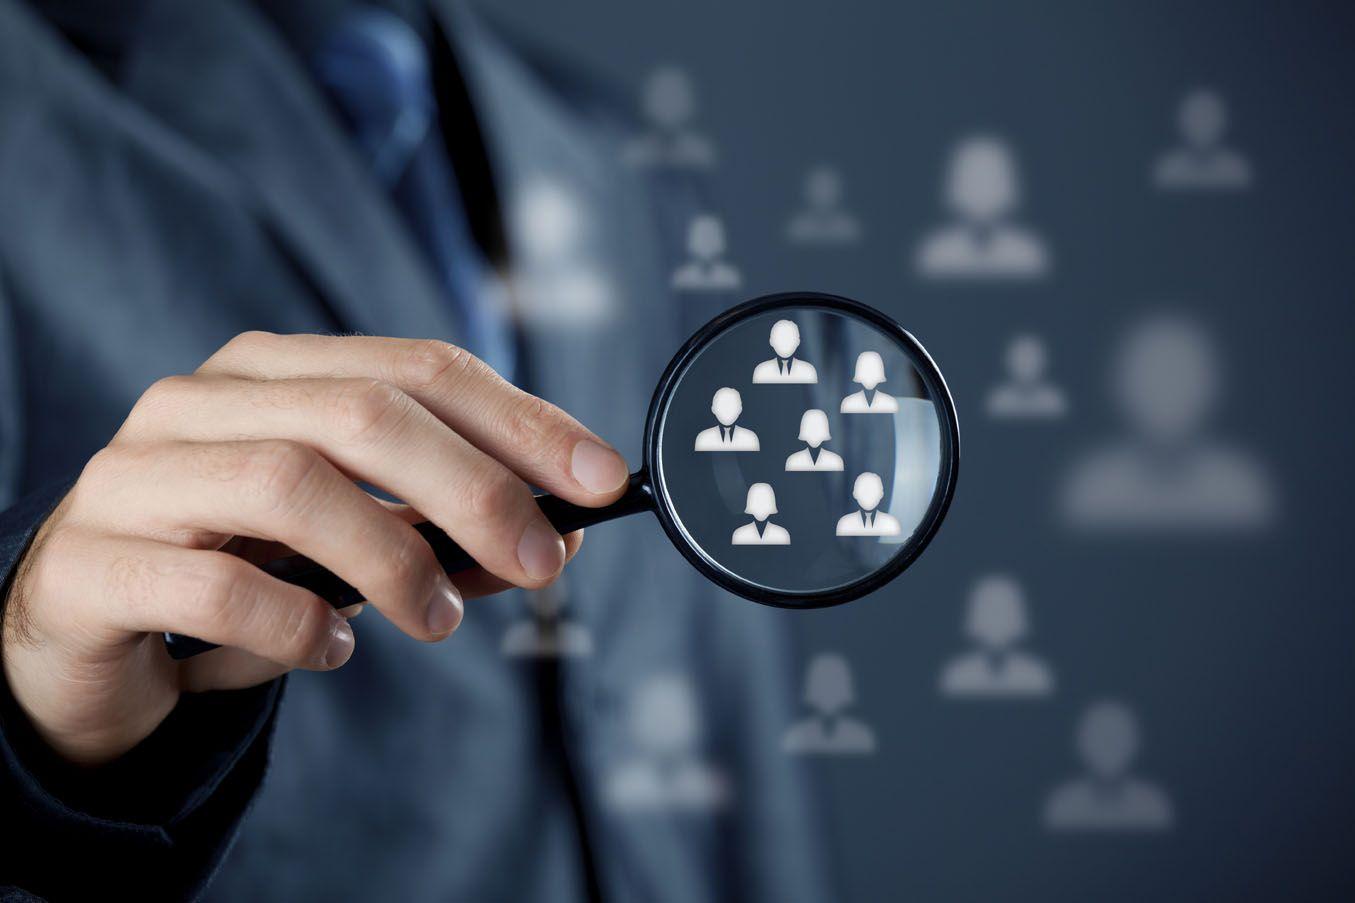 İdeal olarak, parçası olduğunuz bir hedef pazar, anladığınız bir grup insan istersiniz.